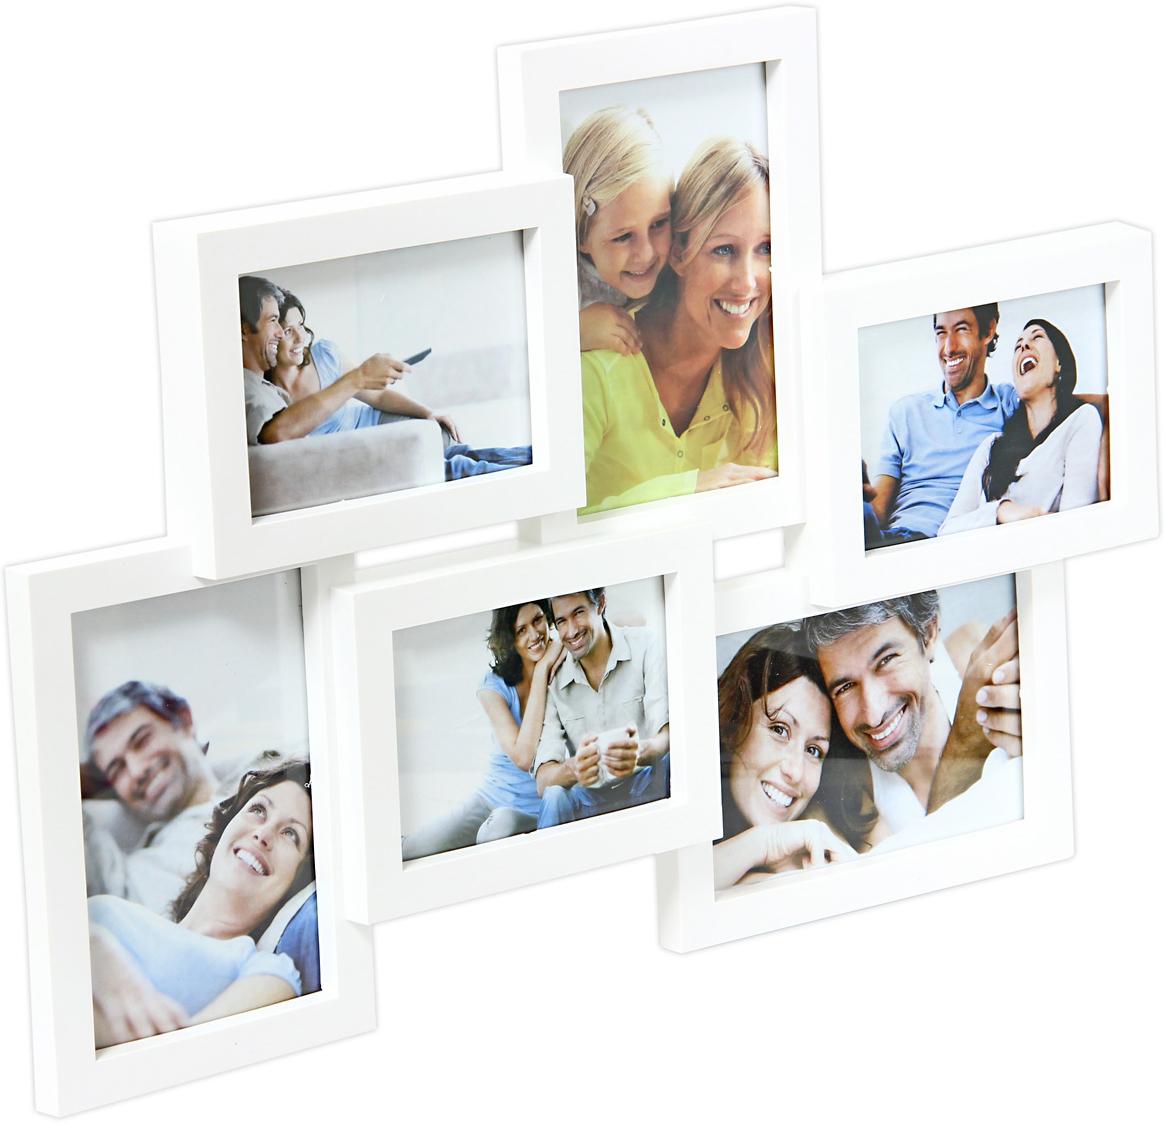 фотоколлаж из нескольких рамок привнесет ваш